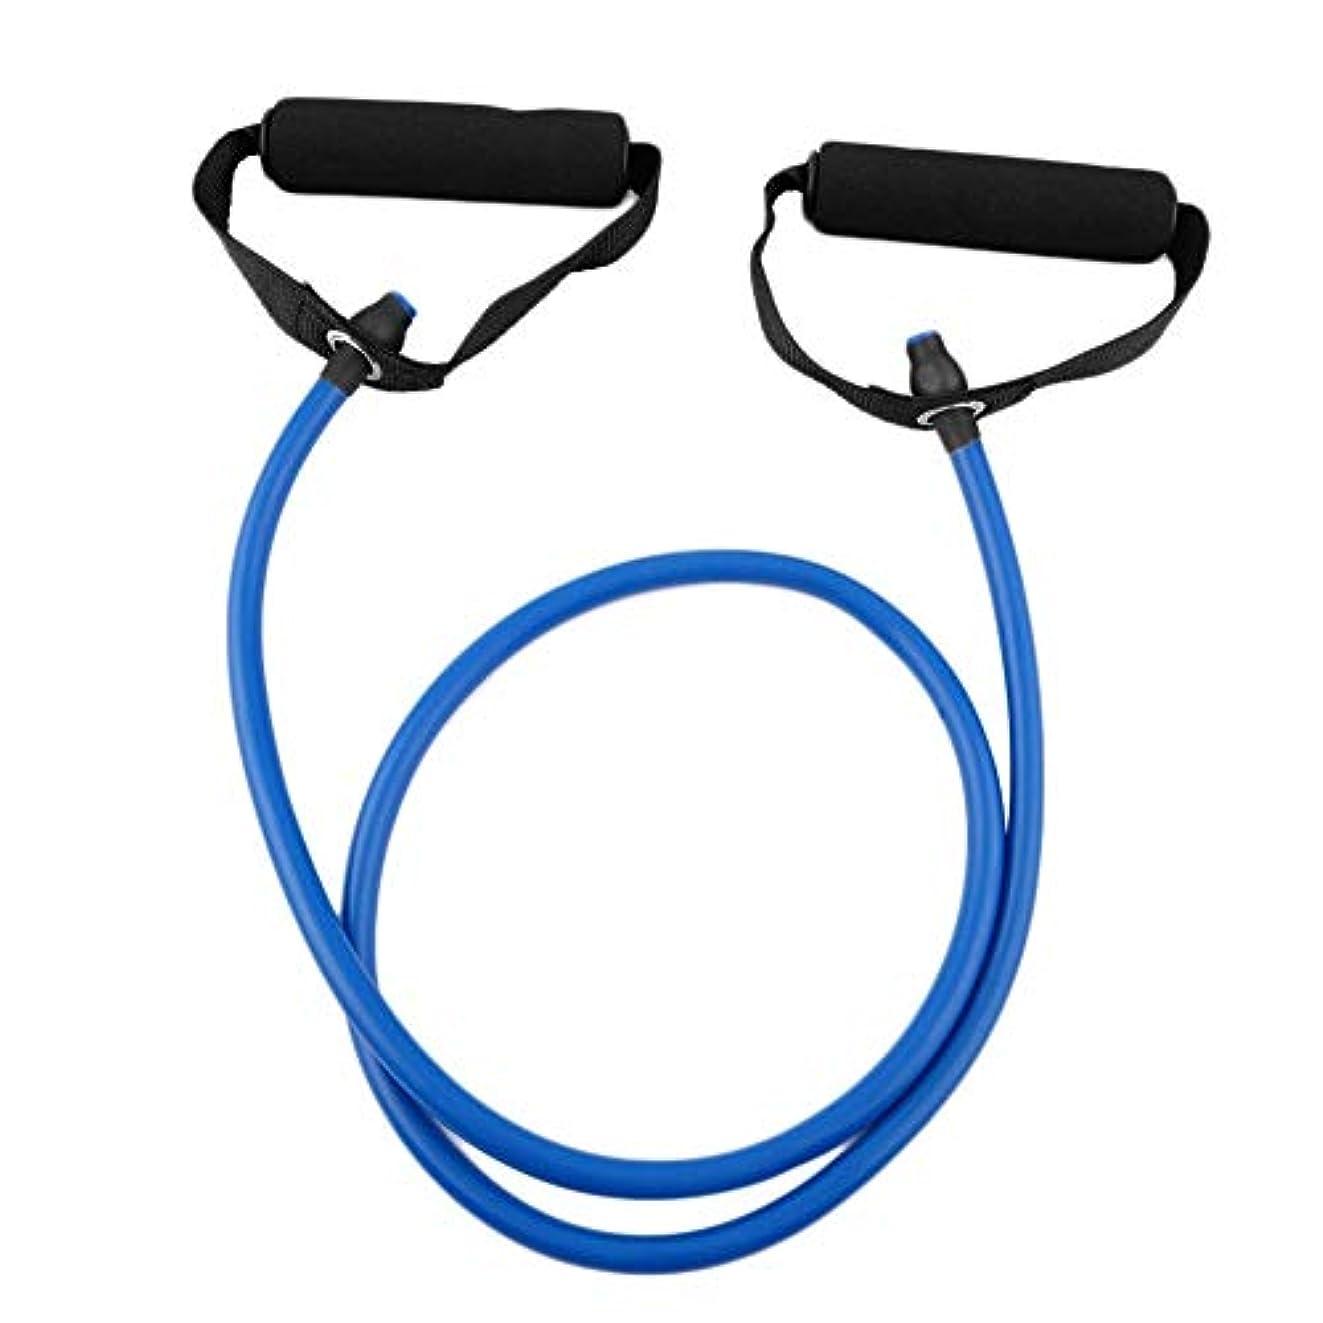 逸話想像力衝突するフィットネス抵抗バンドロープチューブ弾性運動用ヨガピラティスワークアウトホームスポーツプルロープジムエクササイズツール(Color:blue)